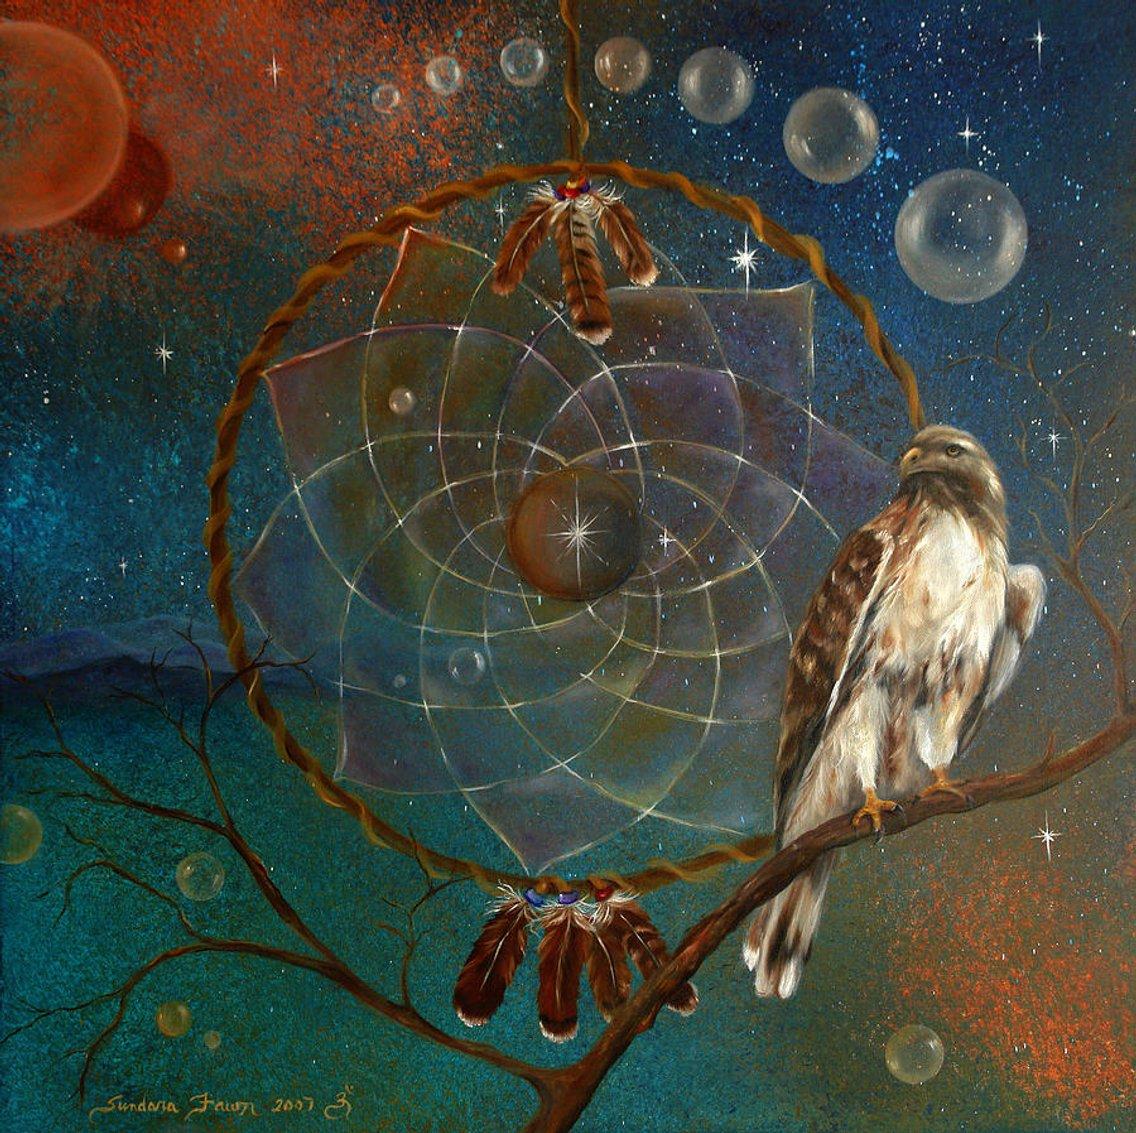 Animali Totem [meditazione e lettura] - Cover Image